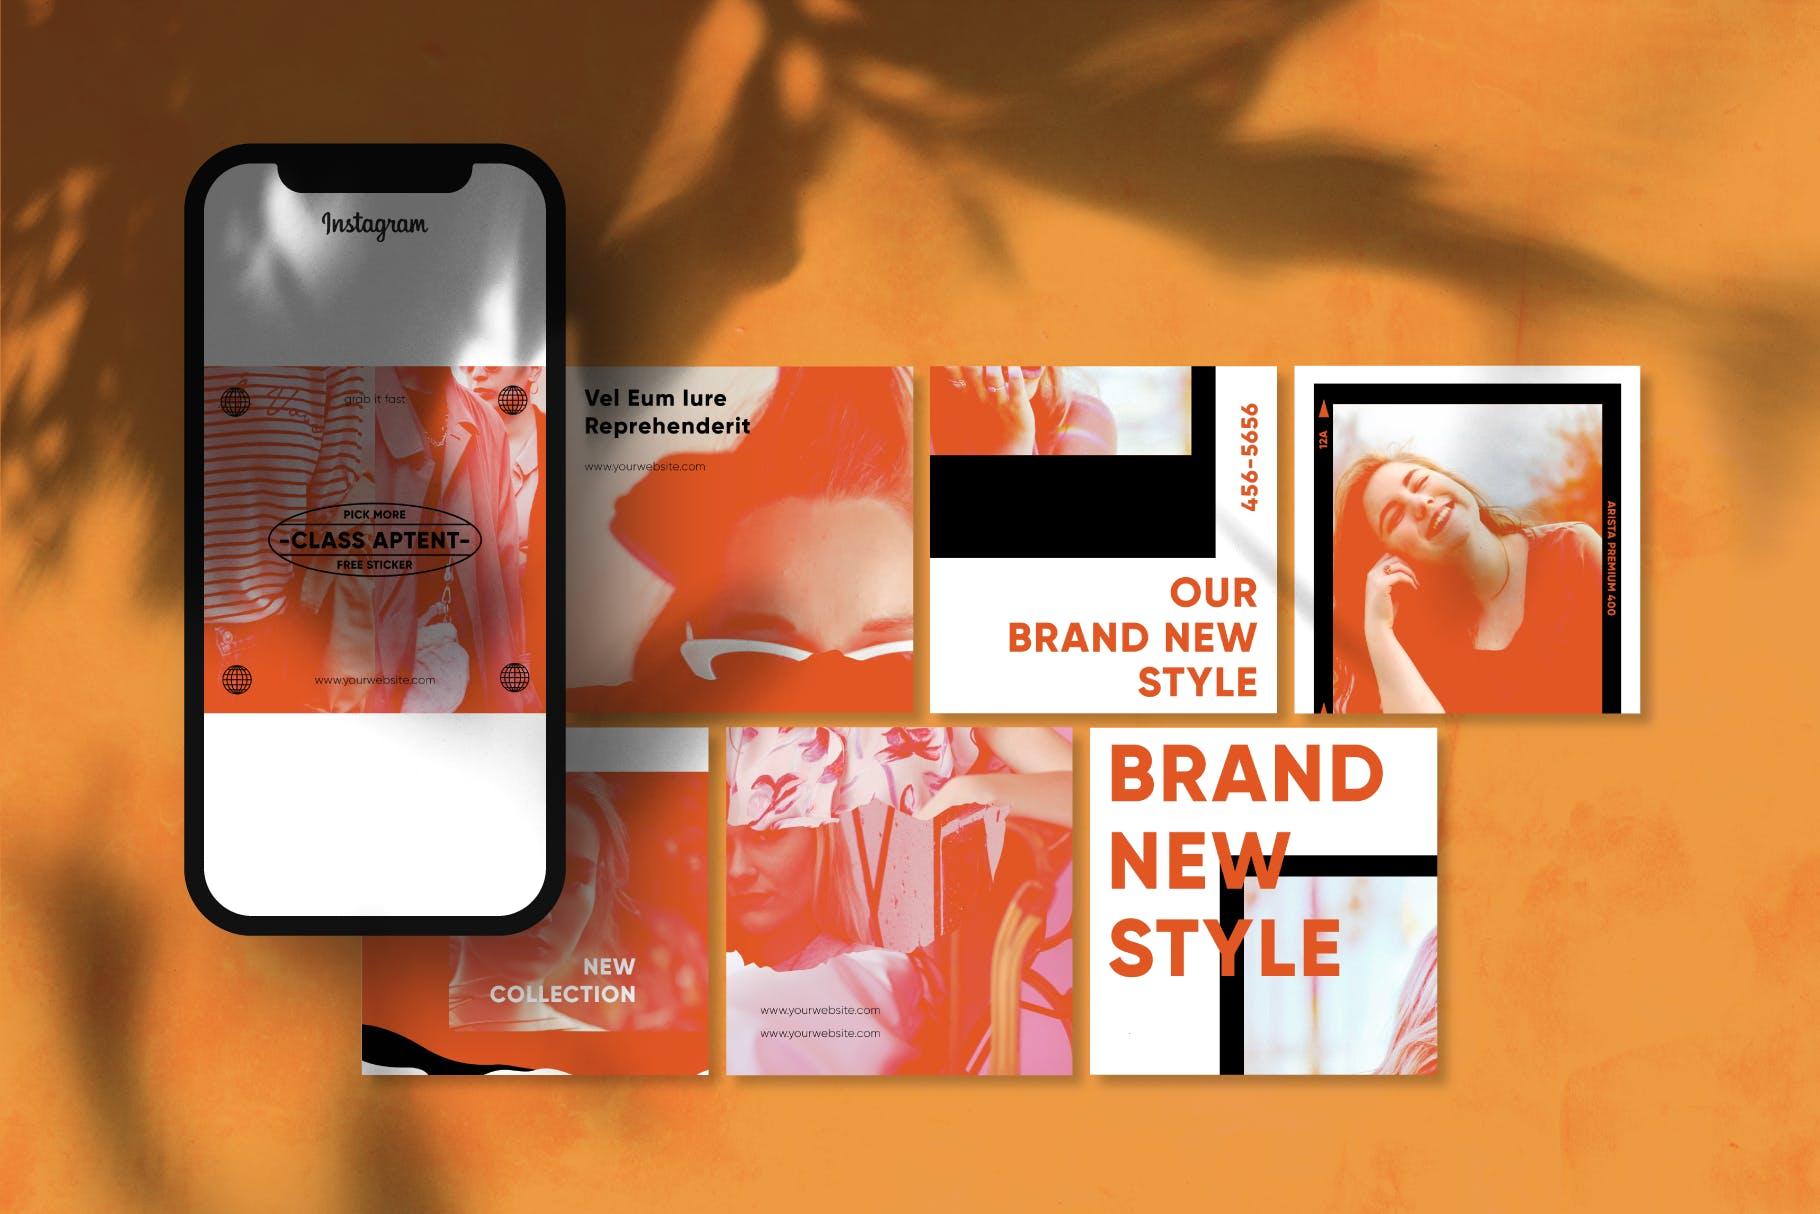 现代拼图效果新媒体推广电商海报设计模板 Gensen – Instagram Puzzle Template插图(4)